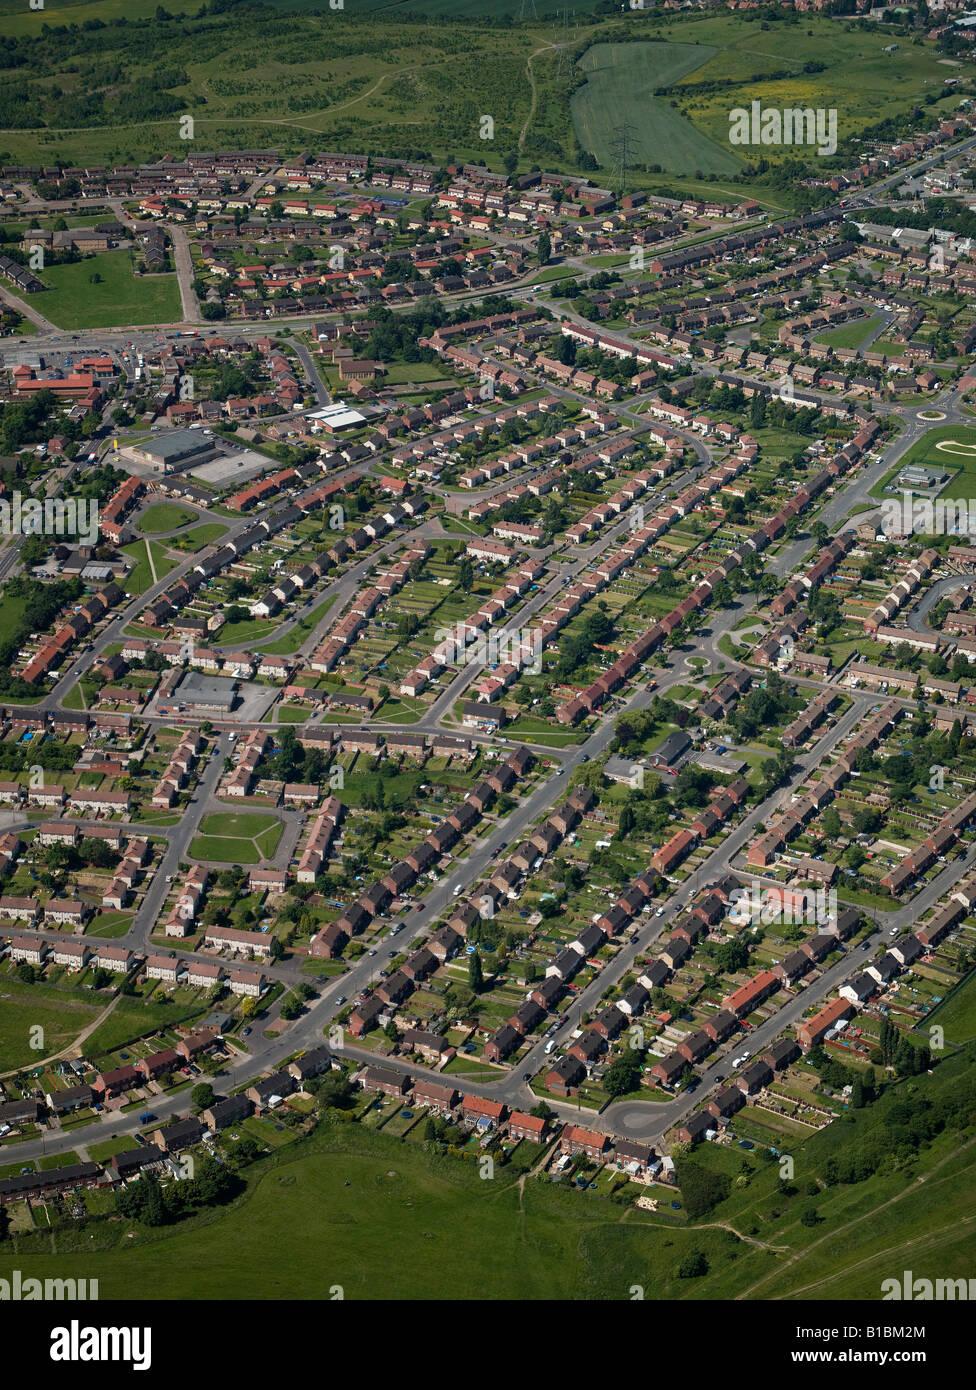 Gemeindeverwaltung Wohnsiedlung aus der Luft, Barnsley, South Yorkshire, Nordengland Stockbild